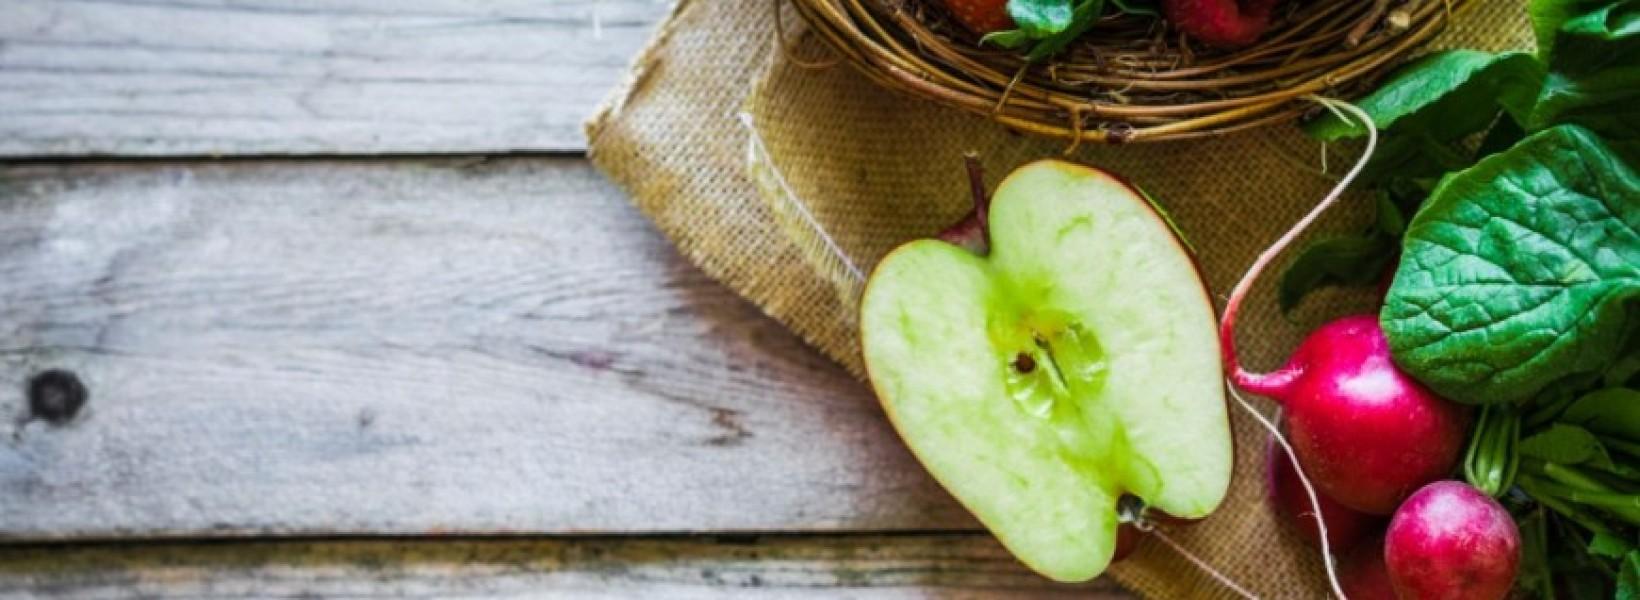 La alimentación puede ayudar a regular nuestro ciclo menstrual. Descubre cómo.